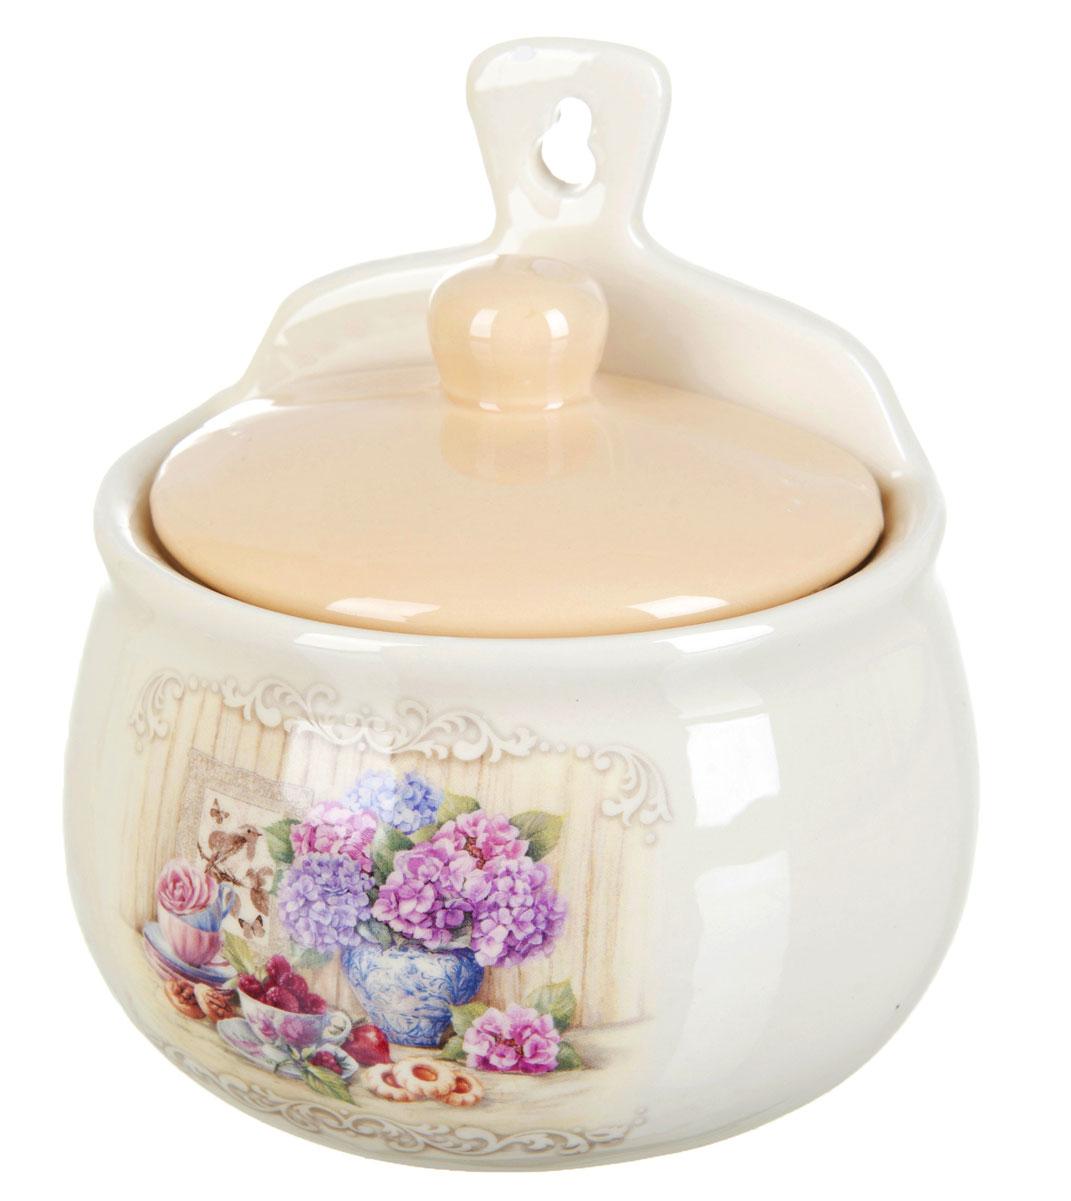 Солонка Polystar Sweet homeL2430846Оригинальная солонка Sweet home изготовлена из высококачественной керамики. Изделие имеет отверстие для подвешивания. Солонка украсит любую кухню и подчеркнет прекрасный вкус хозяина.